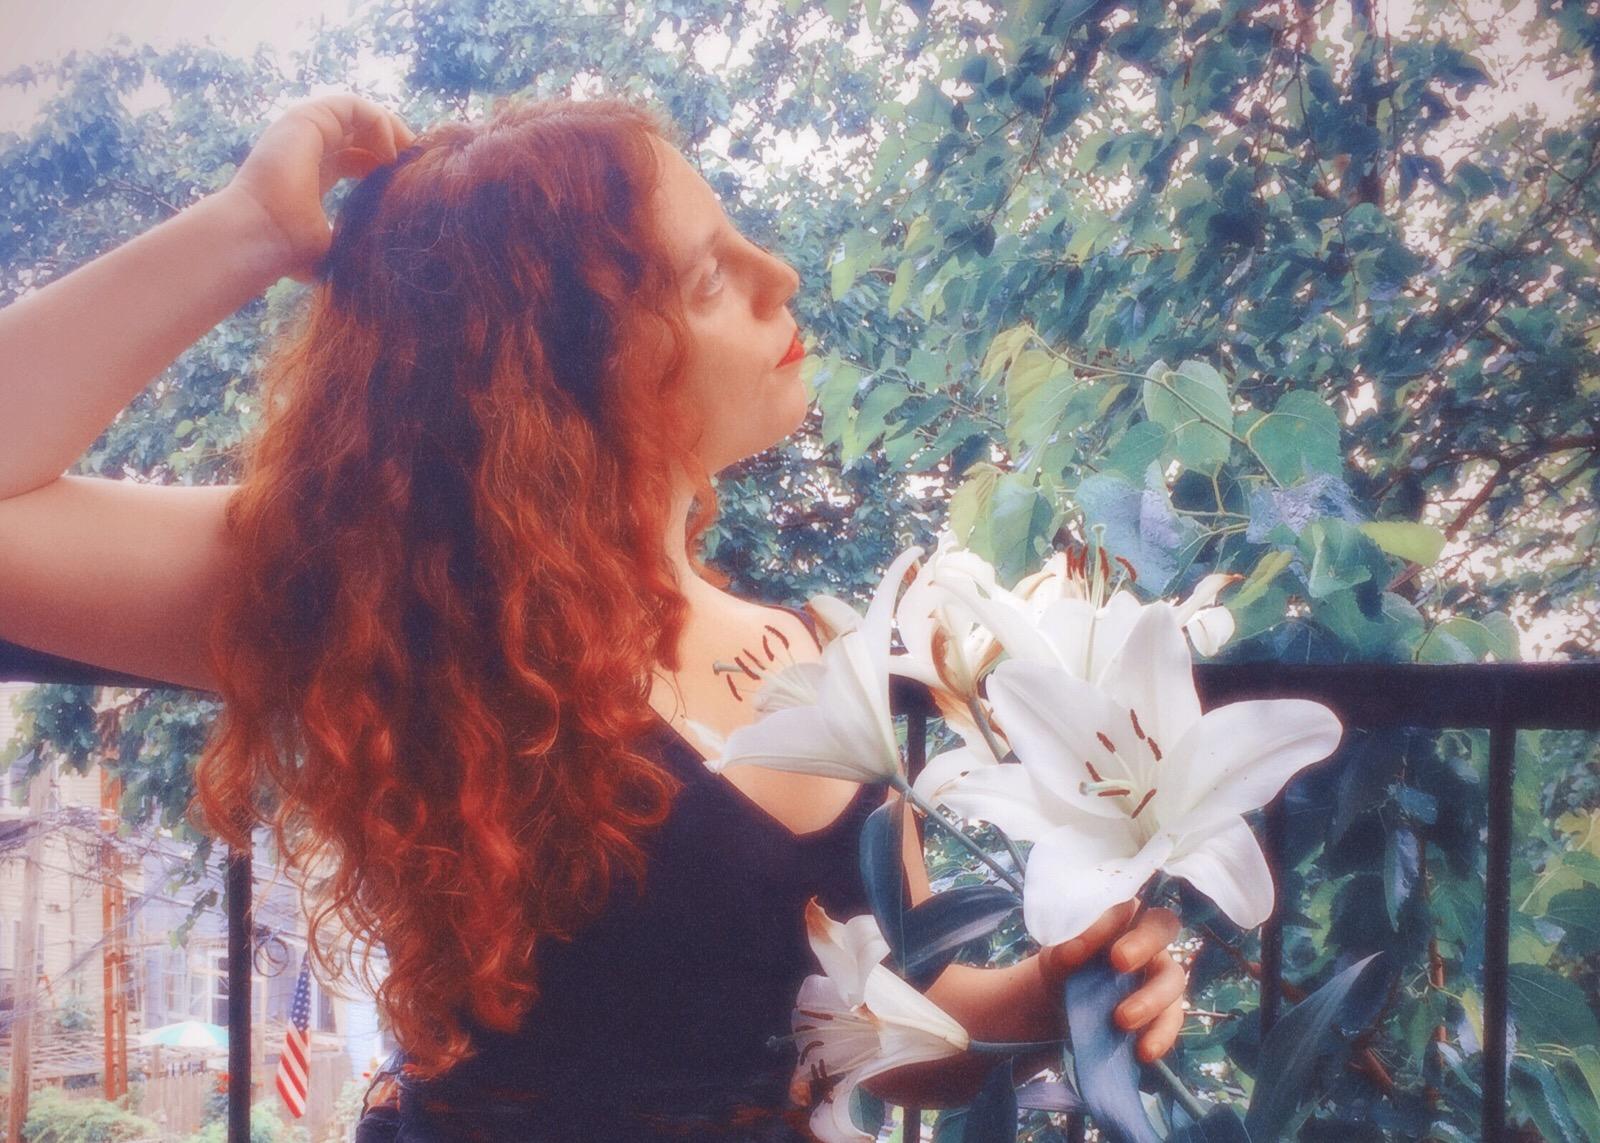 Melanie Curran